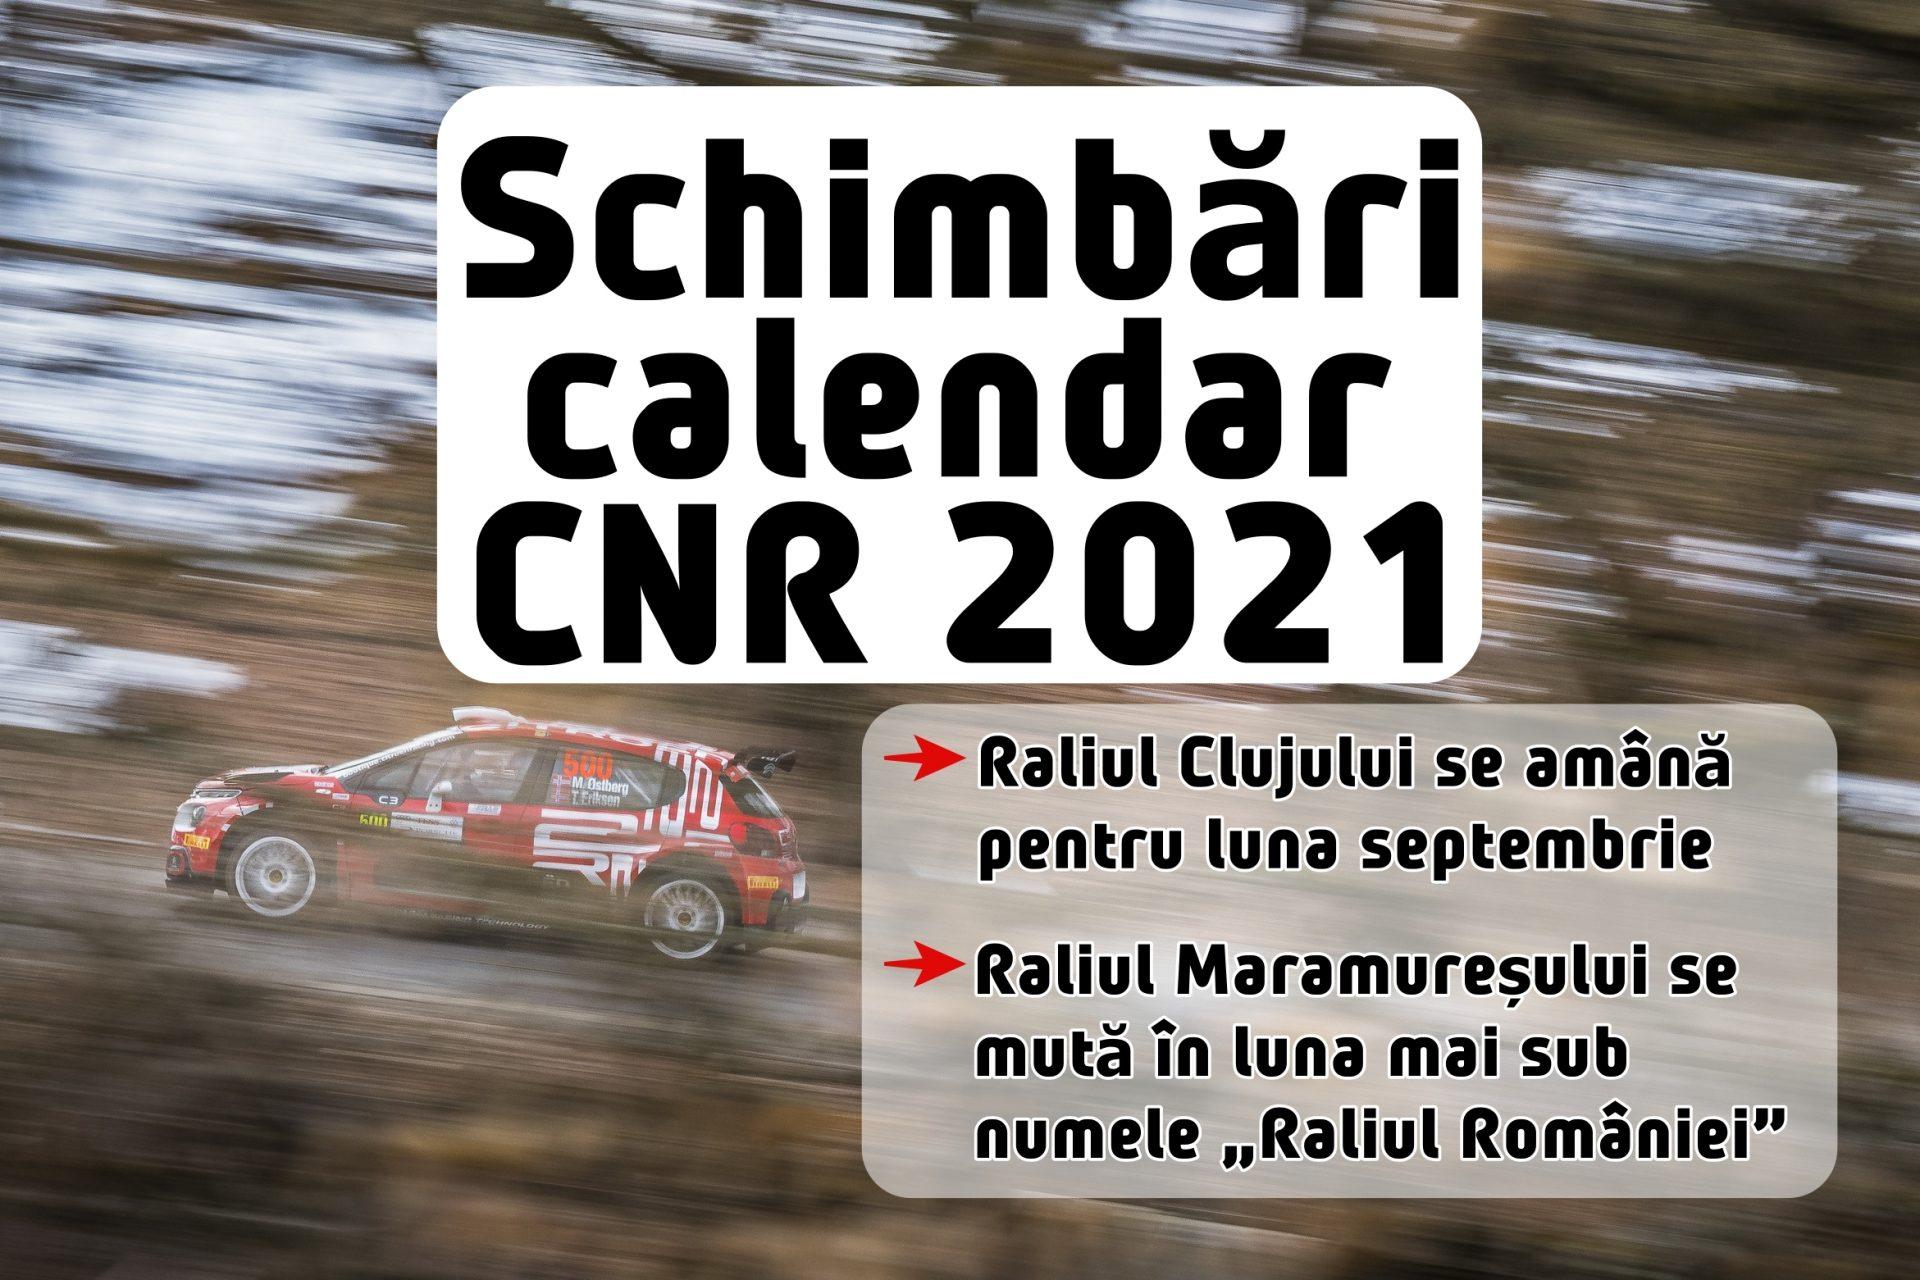 Schimbări de calendar în CNR 2021: Raliul Clujului amânat, Raliul Maramureșului devansat